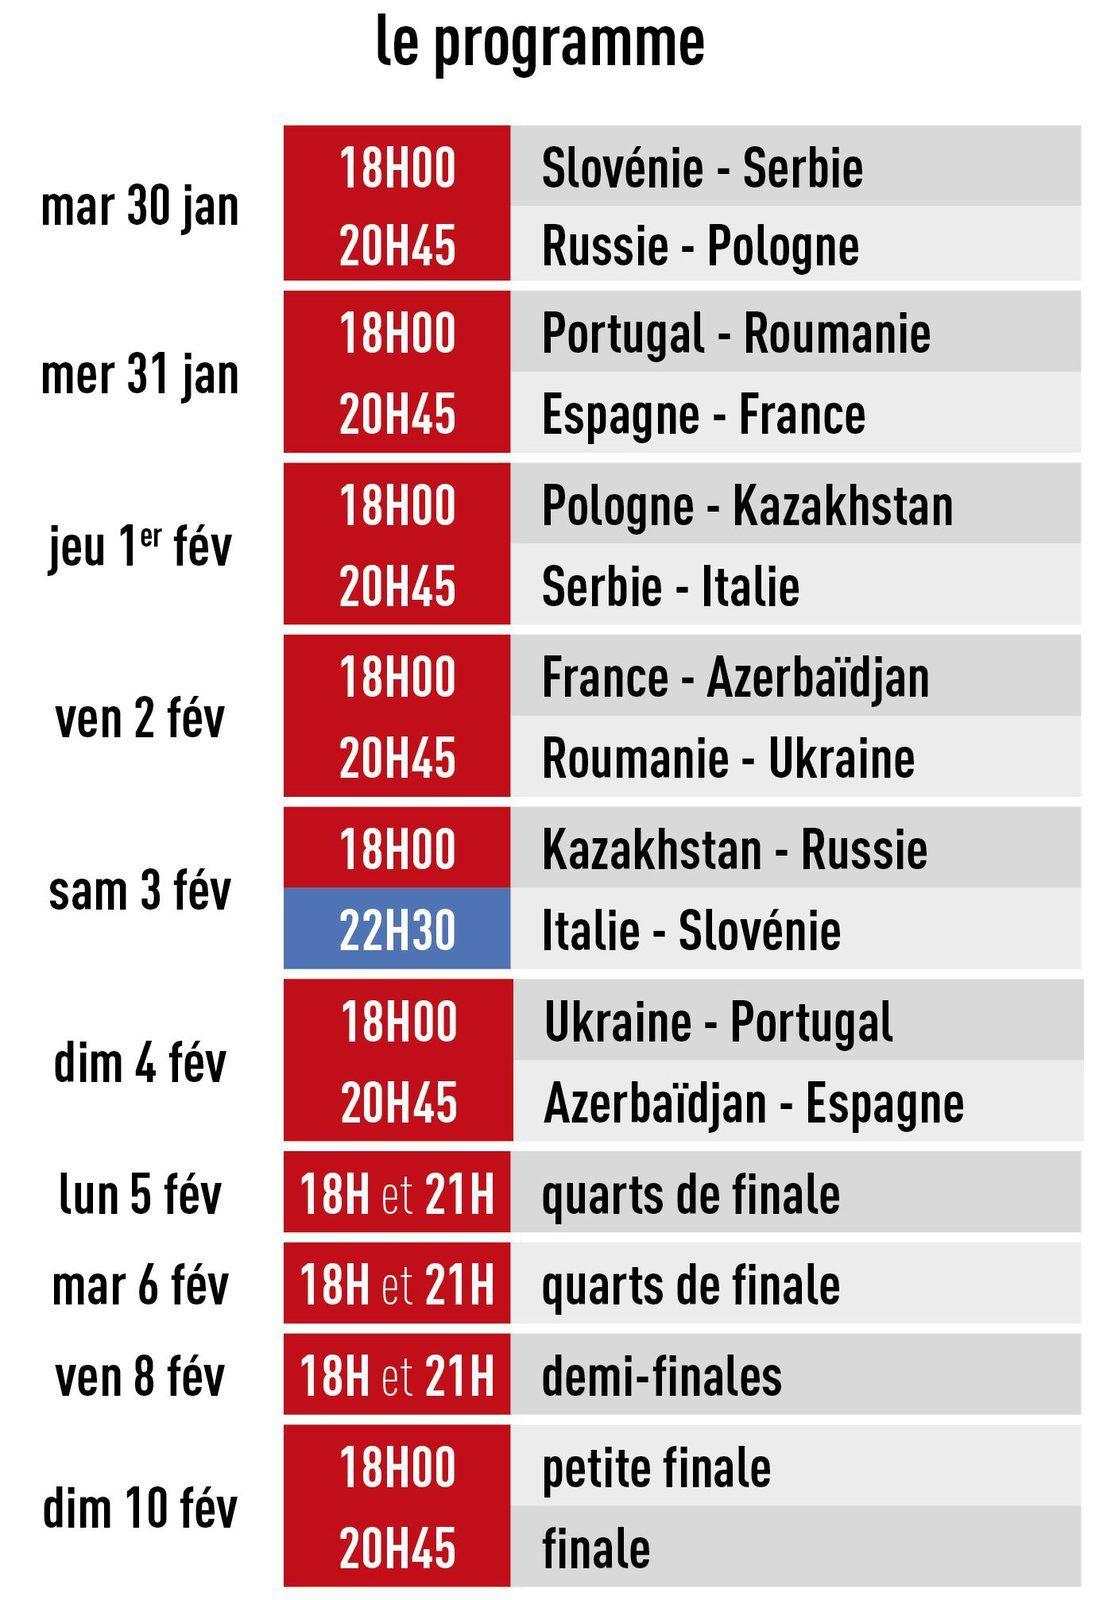 L'Euro de futsal dès ce mardi sur la chaîne L'Equipe : liste des matches diffusés.